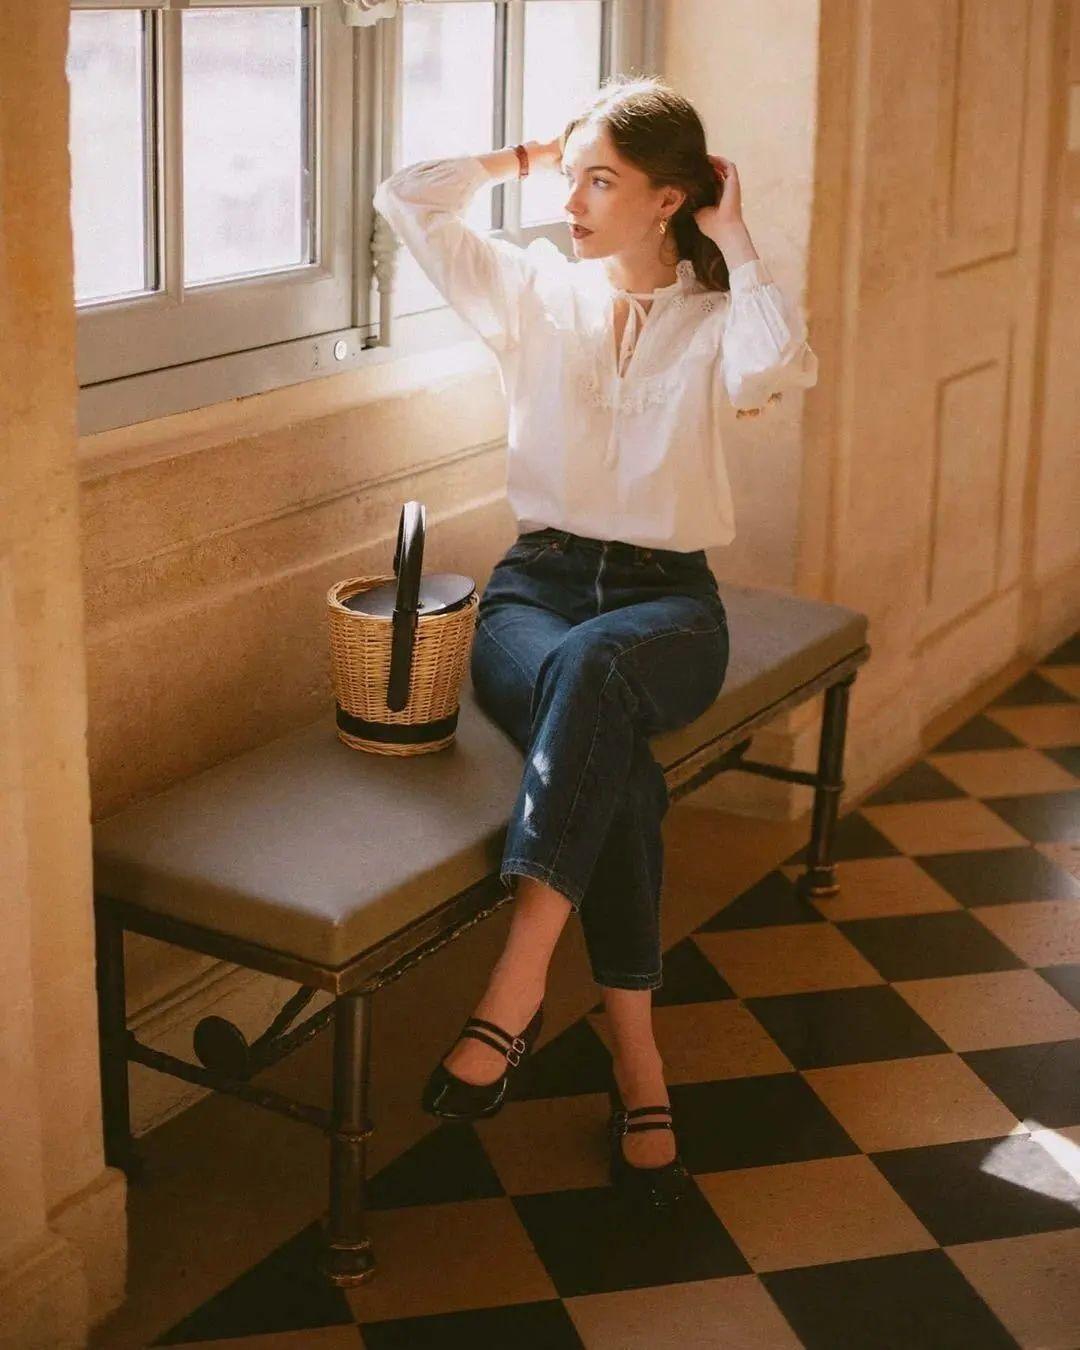 Bạn có thể chọn những mẫu áo blouse cách điệu như áo cổ vuông, tay áo phồng, đường cắt, tua rua, dây rút và nếp gấp , diện lên cùng quần jeans mang đến cảm giác vừa ngọt ngào và cá tính và trẻ trung thời thượng